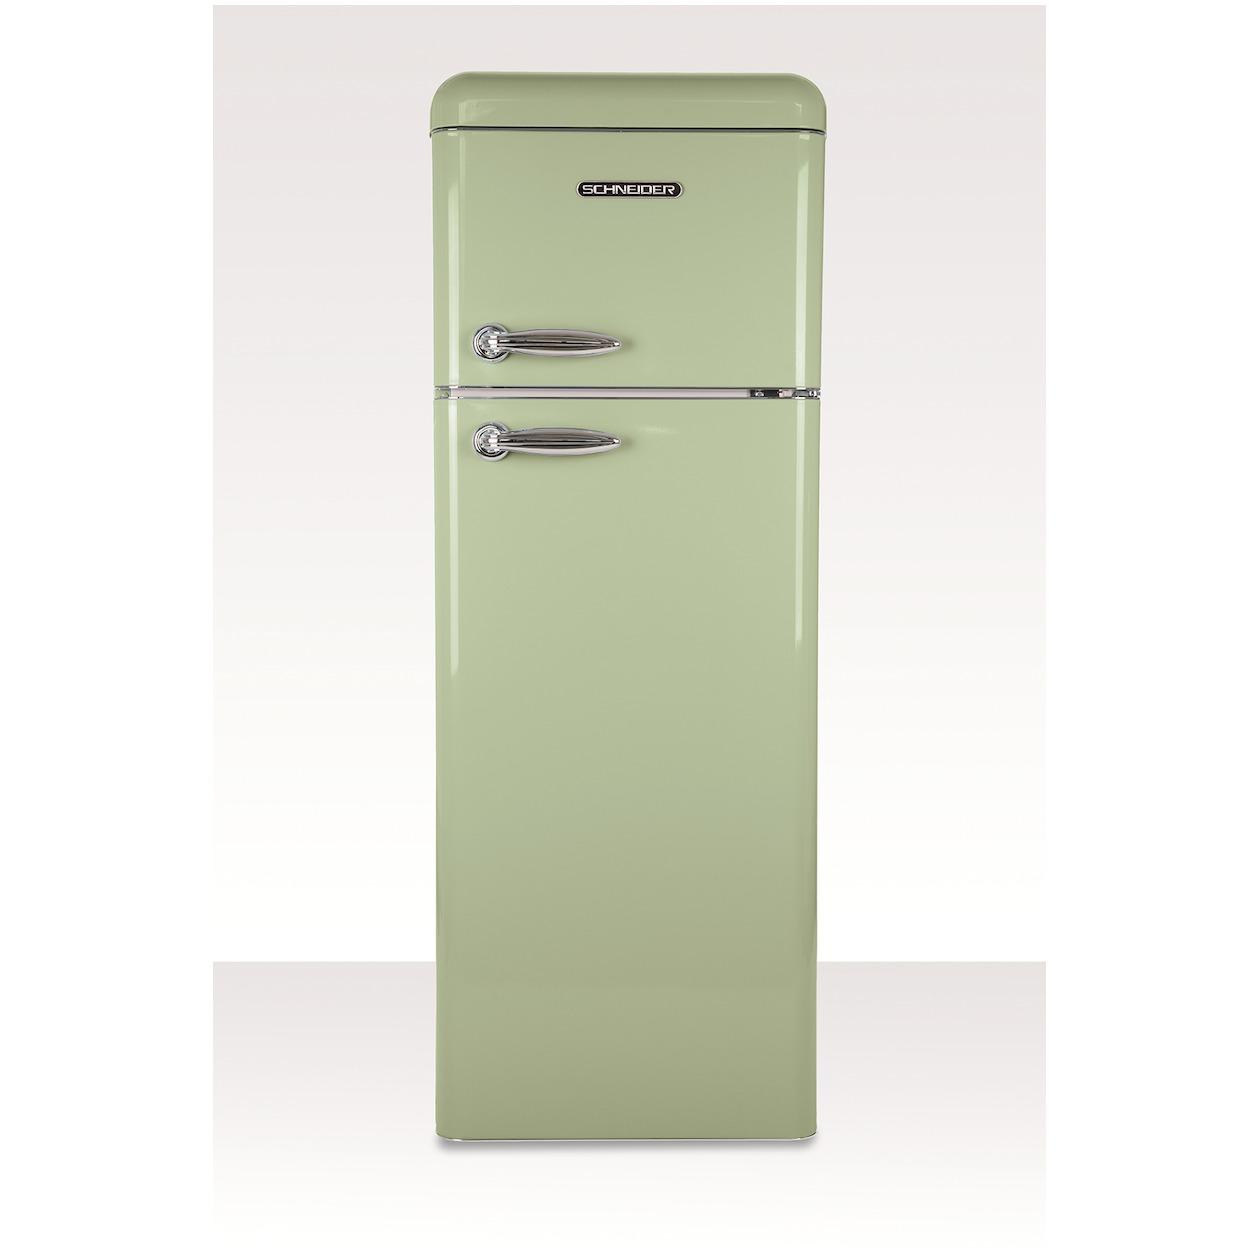 Schneider koelkast met vriesvak SL 210 SG-DD A++ Green